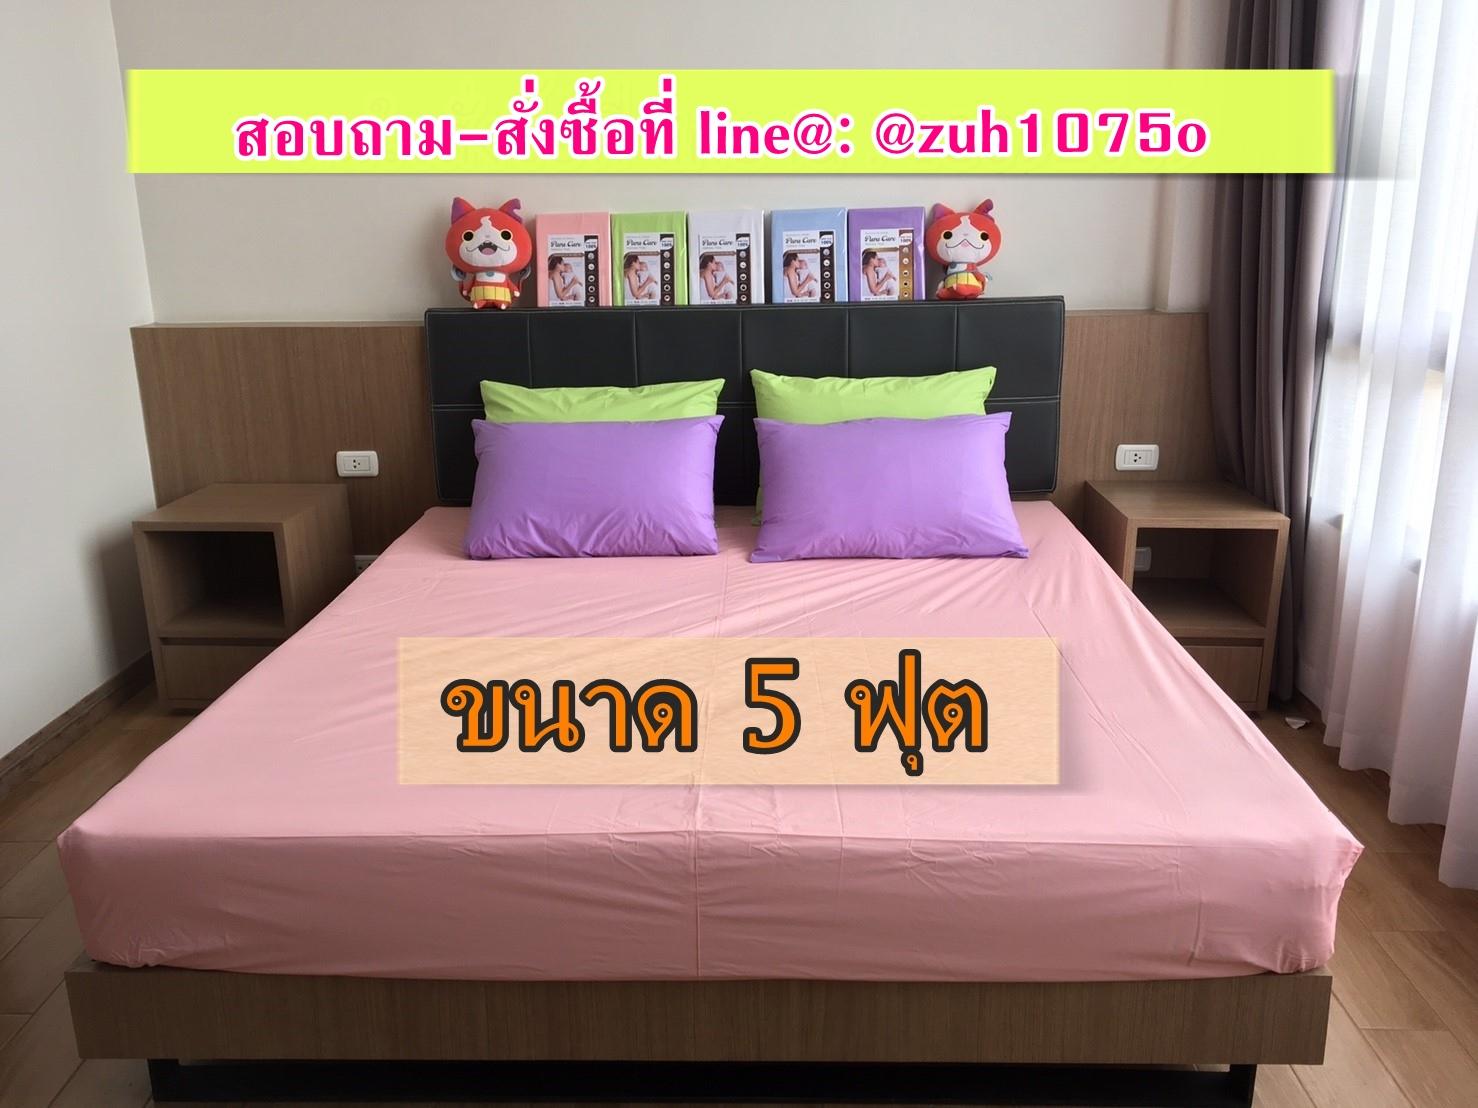 สีชมพู 5ฟุต ผ้าคลุมเตียง ผ้าปูเตียง ผ้าปูที่นอนกันน้ำ กันฉี่ กันไรฝุ่น กันเปื้อน 390บาท